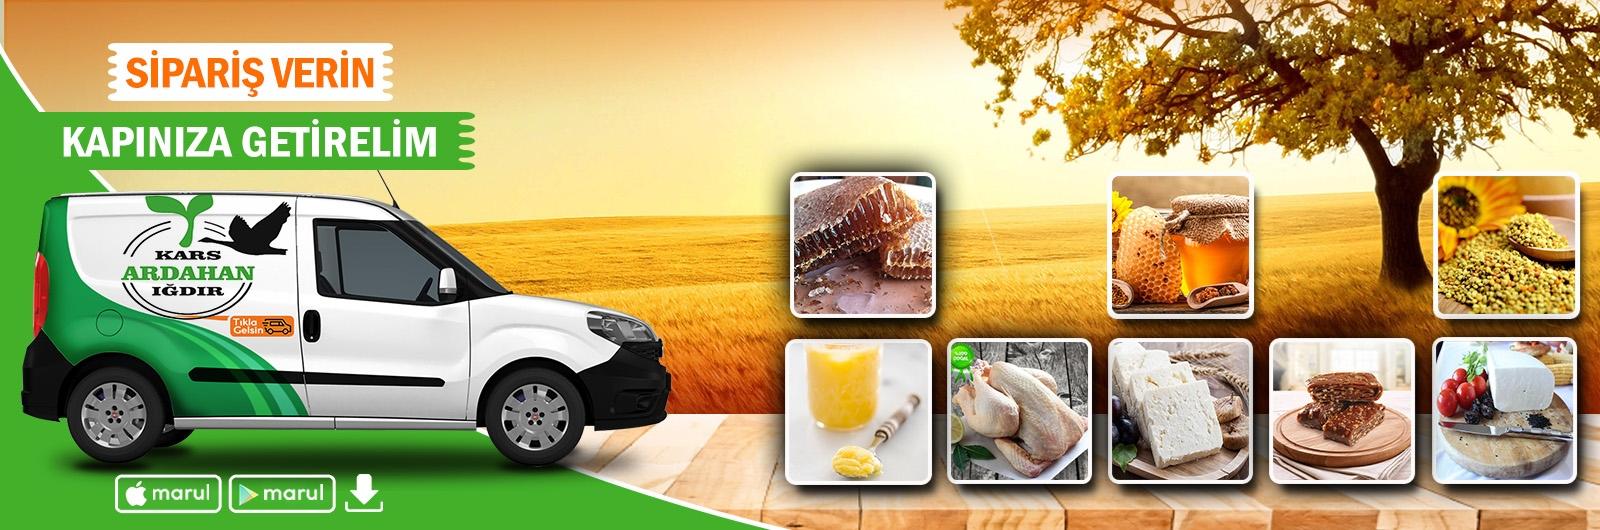 Beylikdüzü Anadolum Yöresel Organik Ürünler Online sipariş